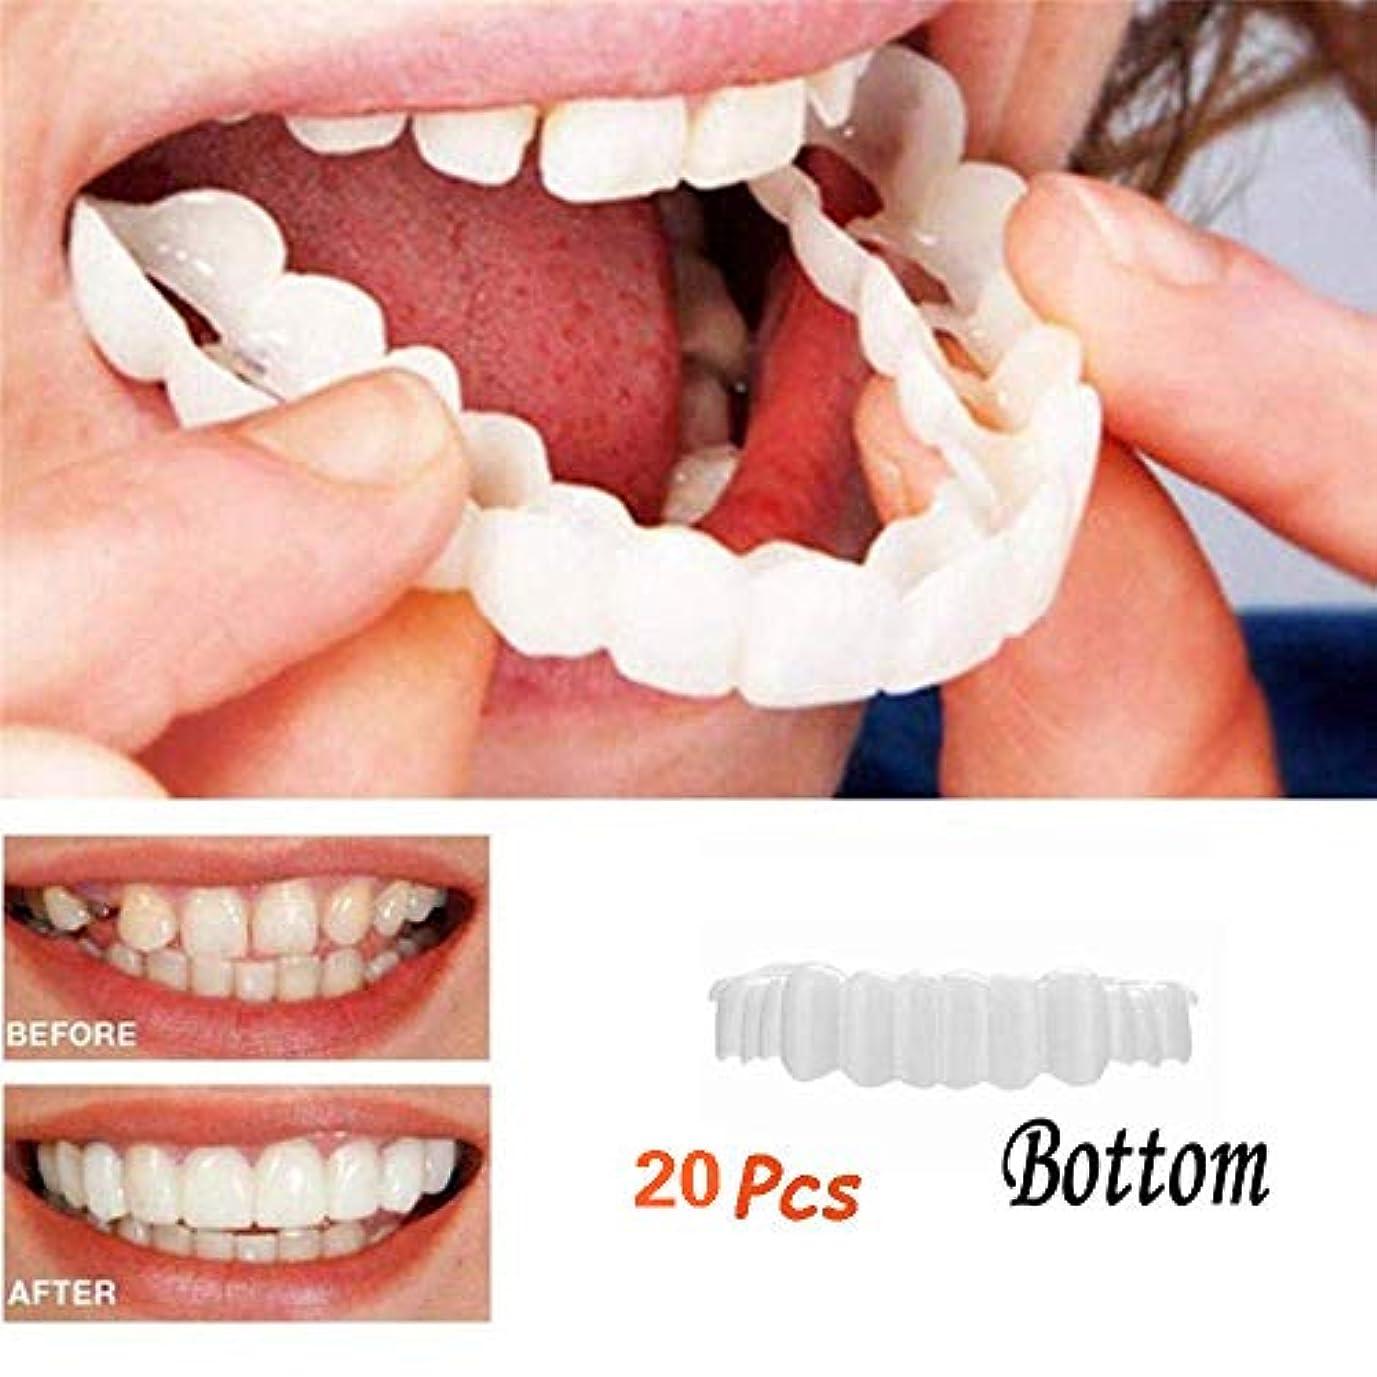 アサー掘る周波数ボトム化粧品歯コンフォートフィットフレックス化粧品歯コーブ義歯歯磨き粉インスタントスマイルサイズにぴったり-20個